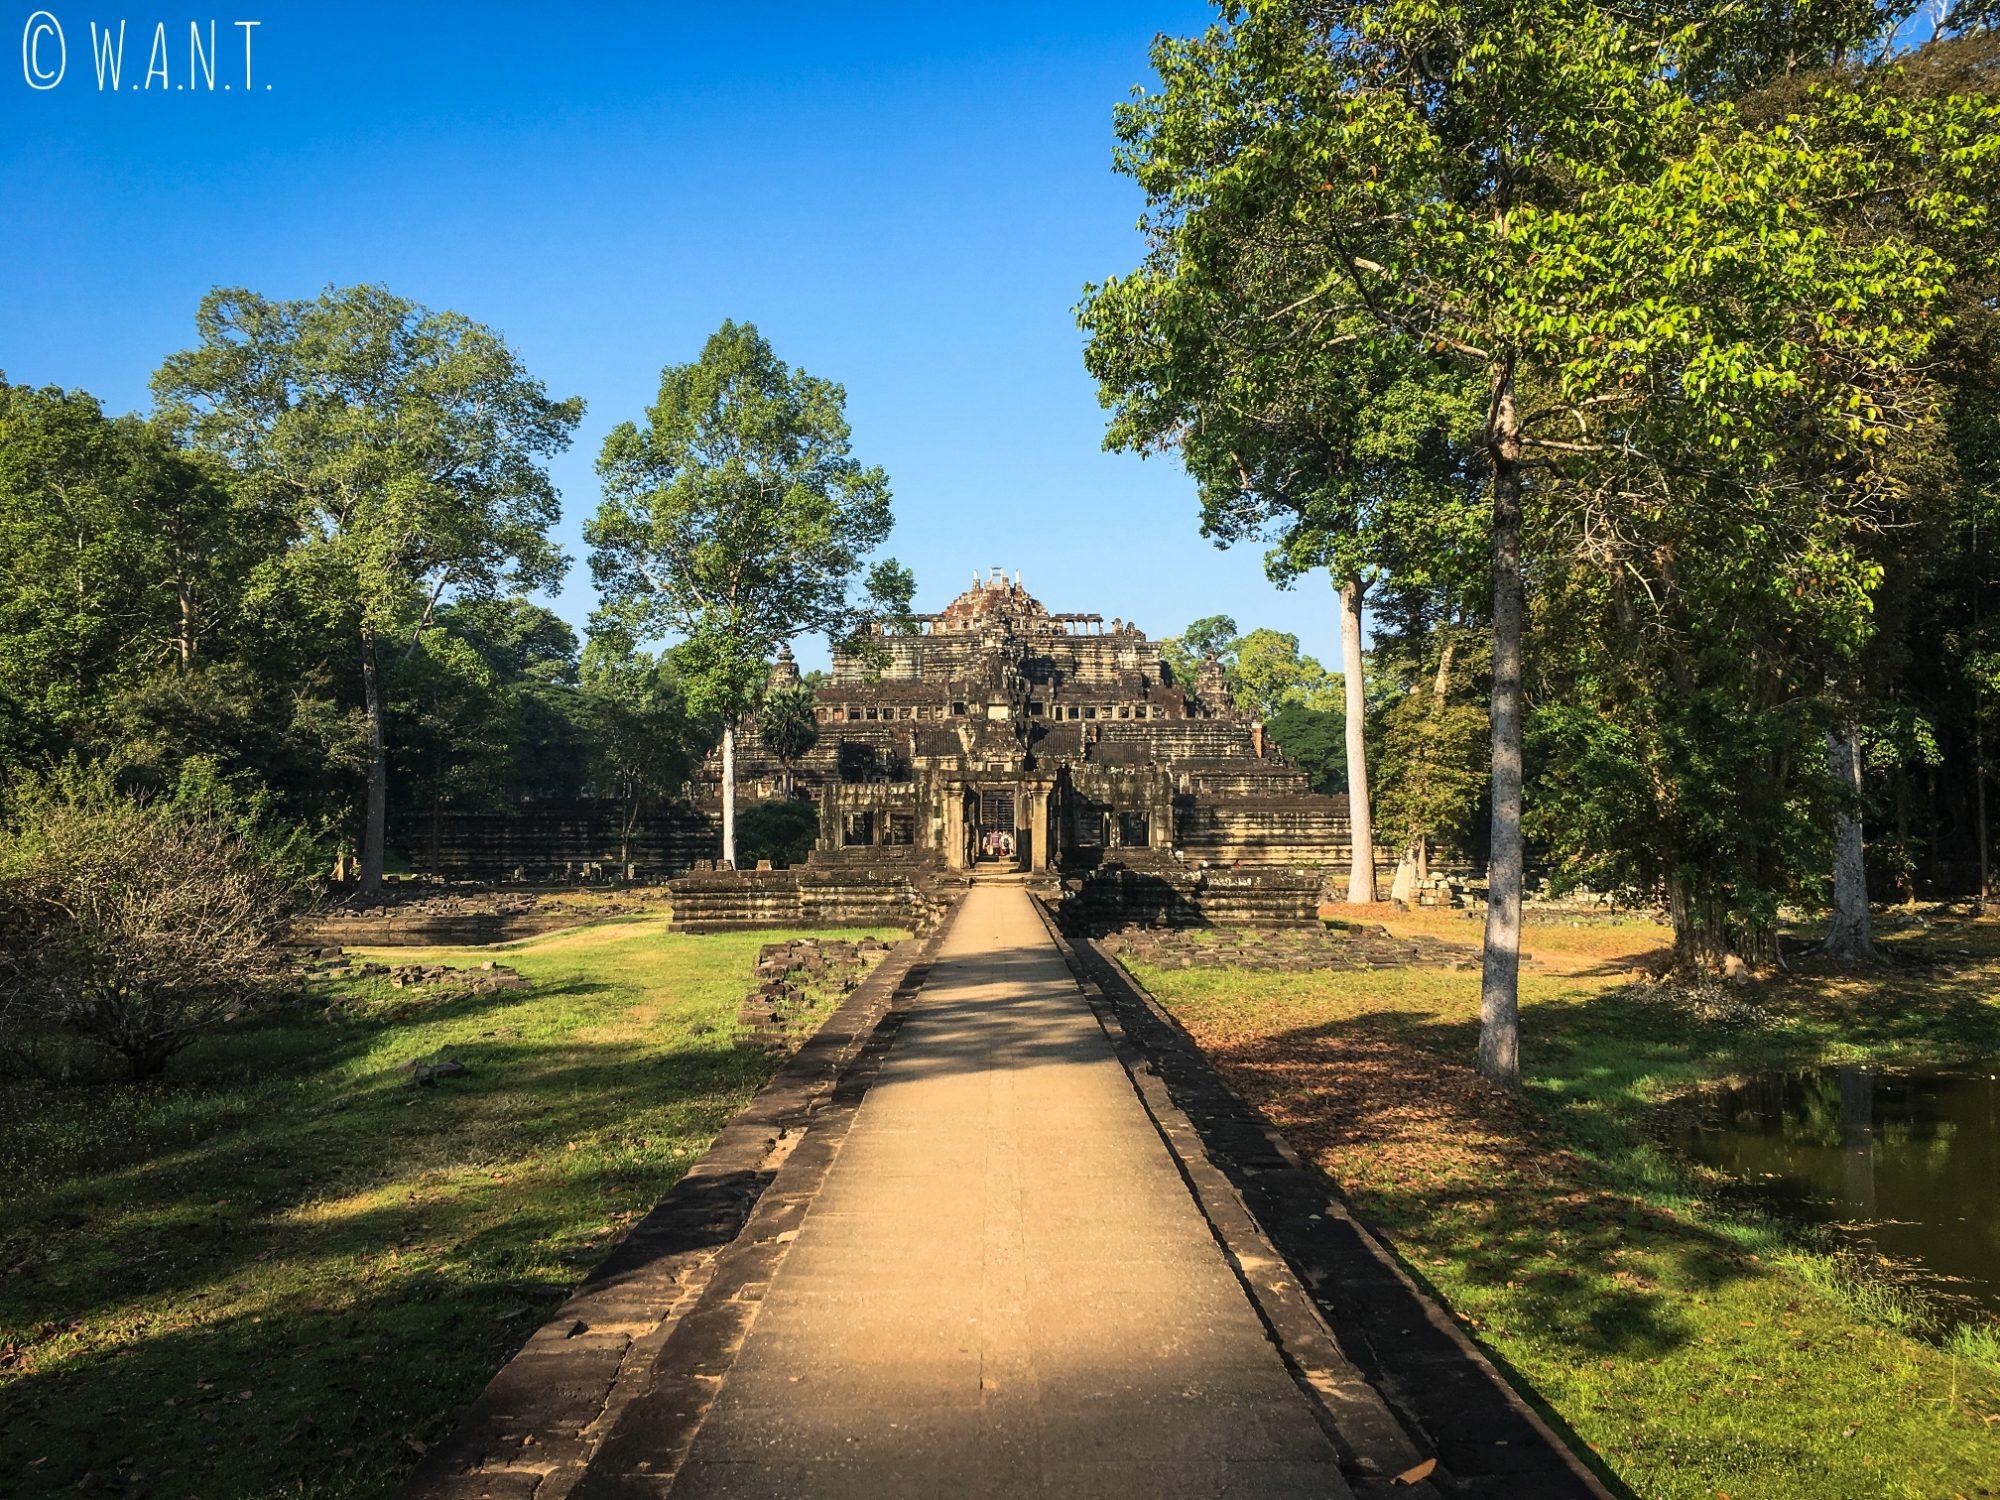 Accès au temple Baphuon dans l'enceinte d'Angkor Thom